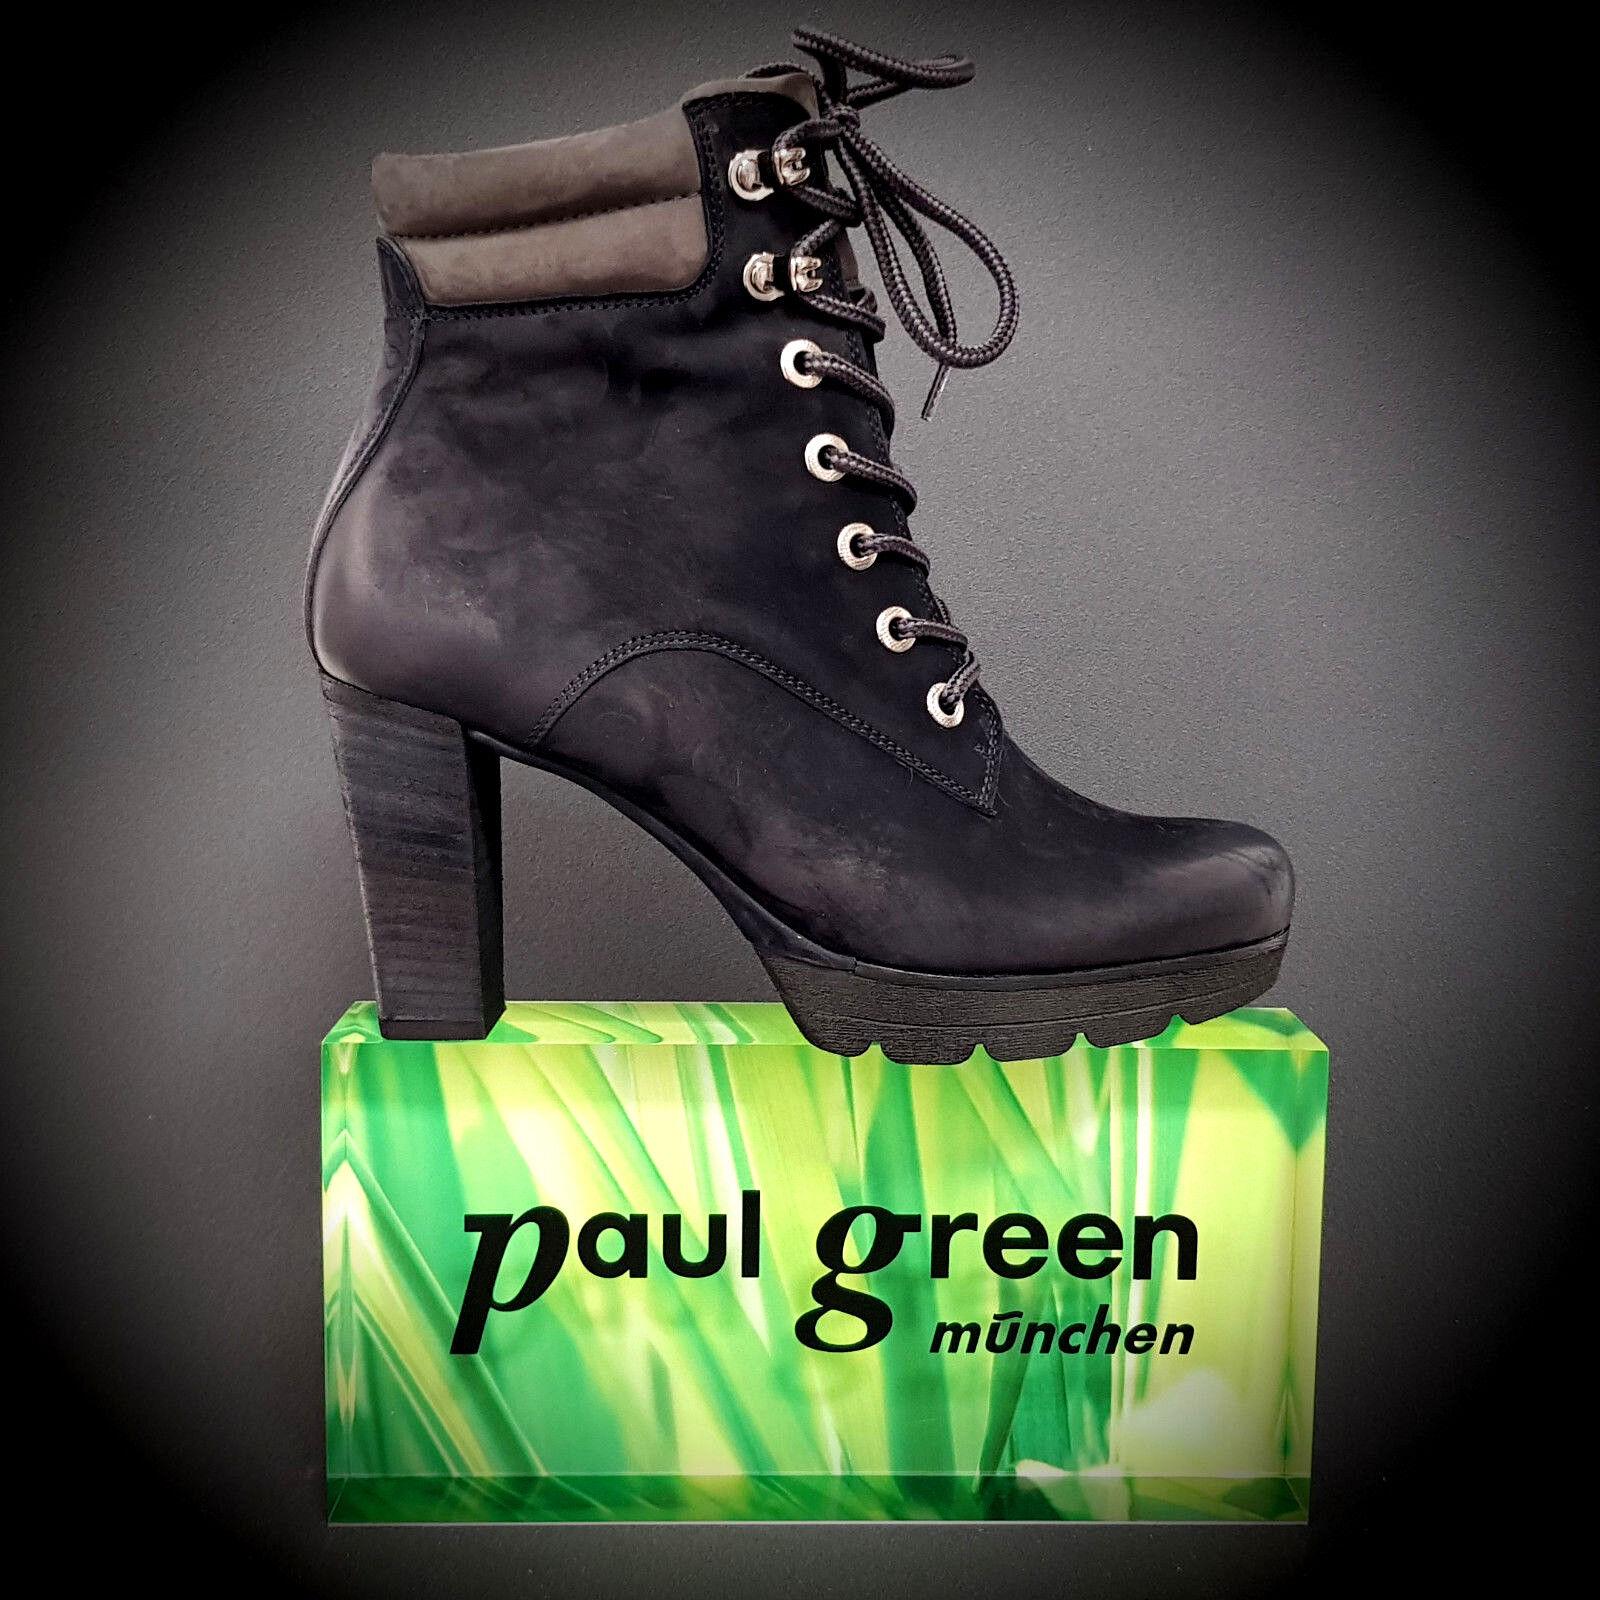 risposta prima volta NUOVO Paul Paul Paul verde Lacci Stivaletti Stivali 9429 003 tacco alto Ocean 80 mm  all'ingrosso economico e di alta qualità